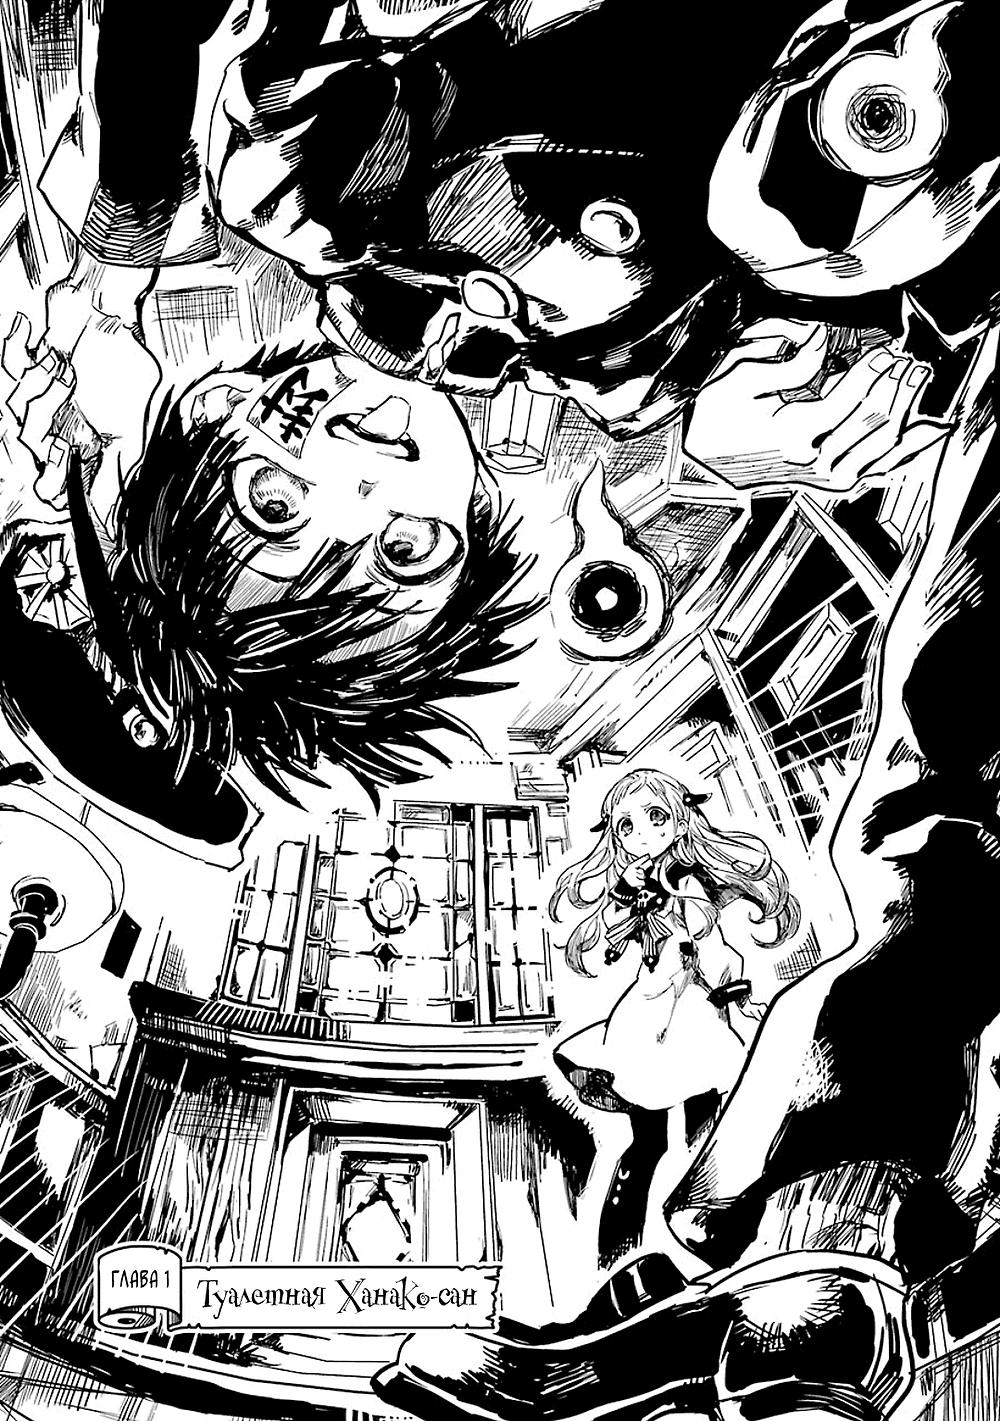 Манга на русском Туалетный мальчик Ханако кун. Вып.0, гл.1, страница 3. Студия комиксов Vaes Okshn